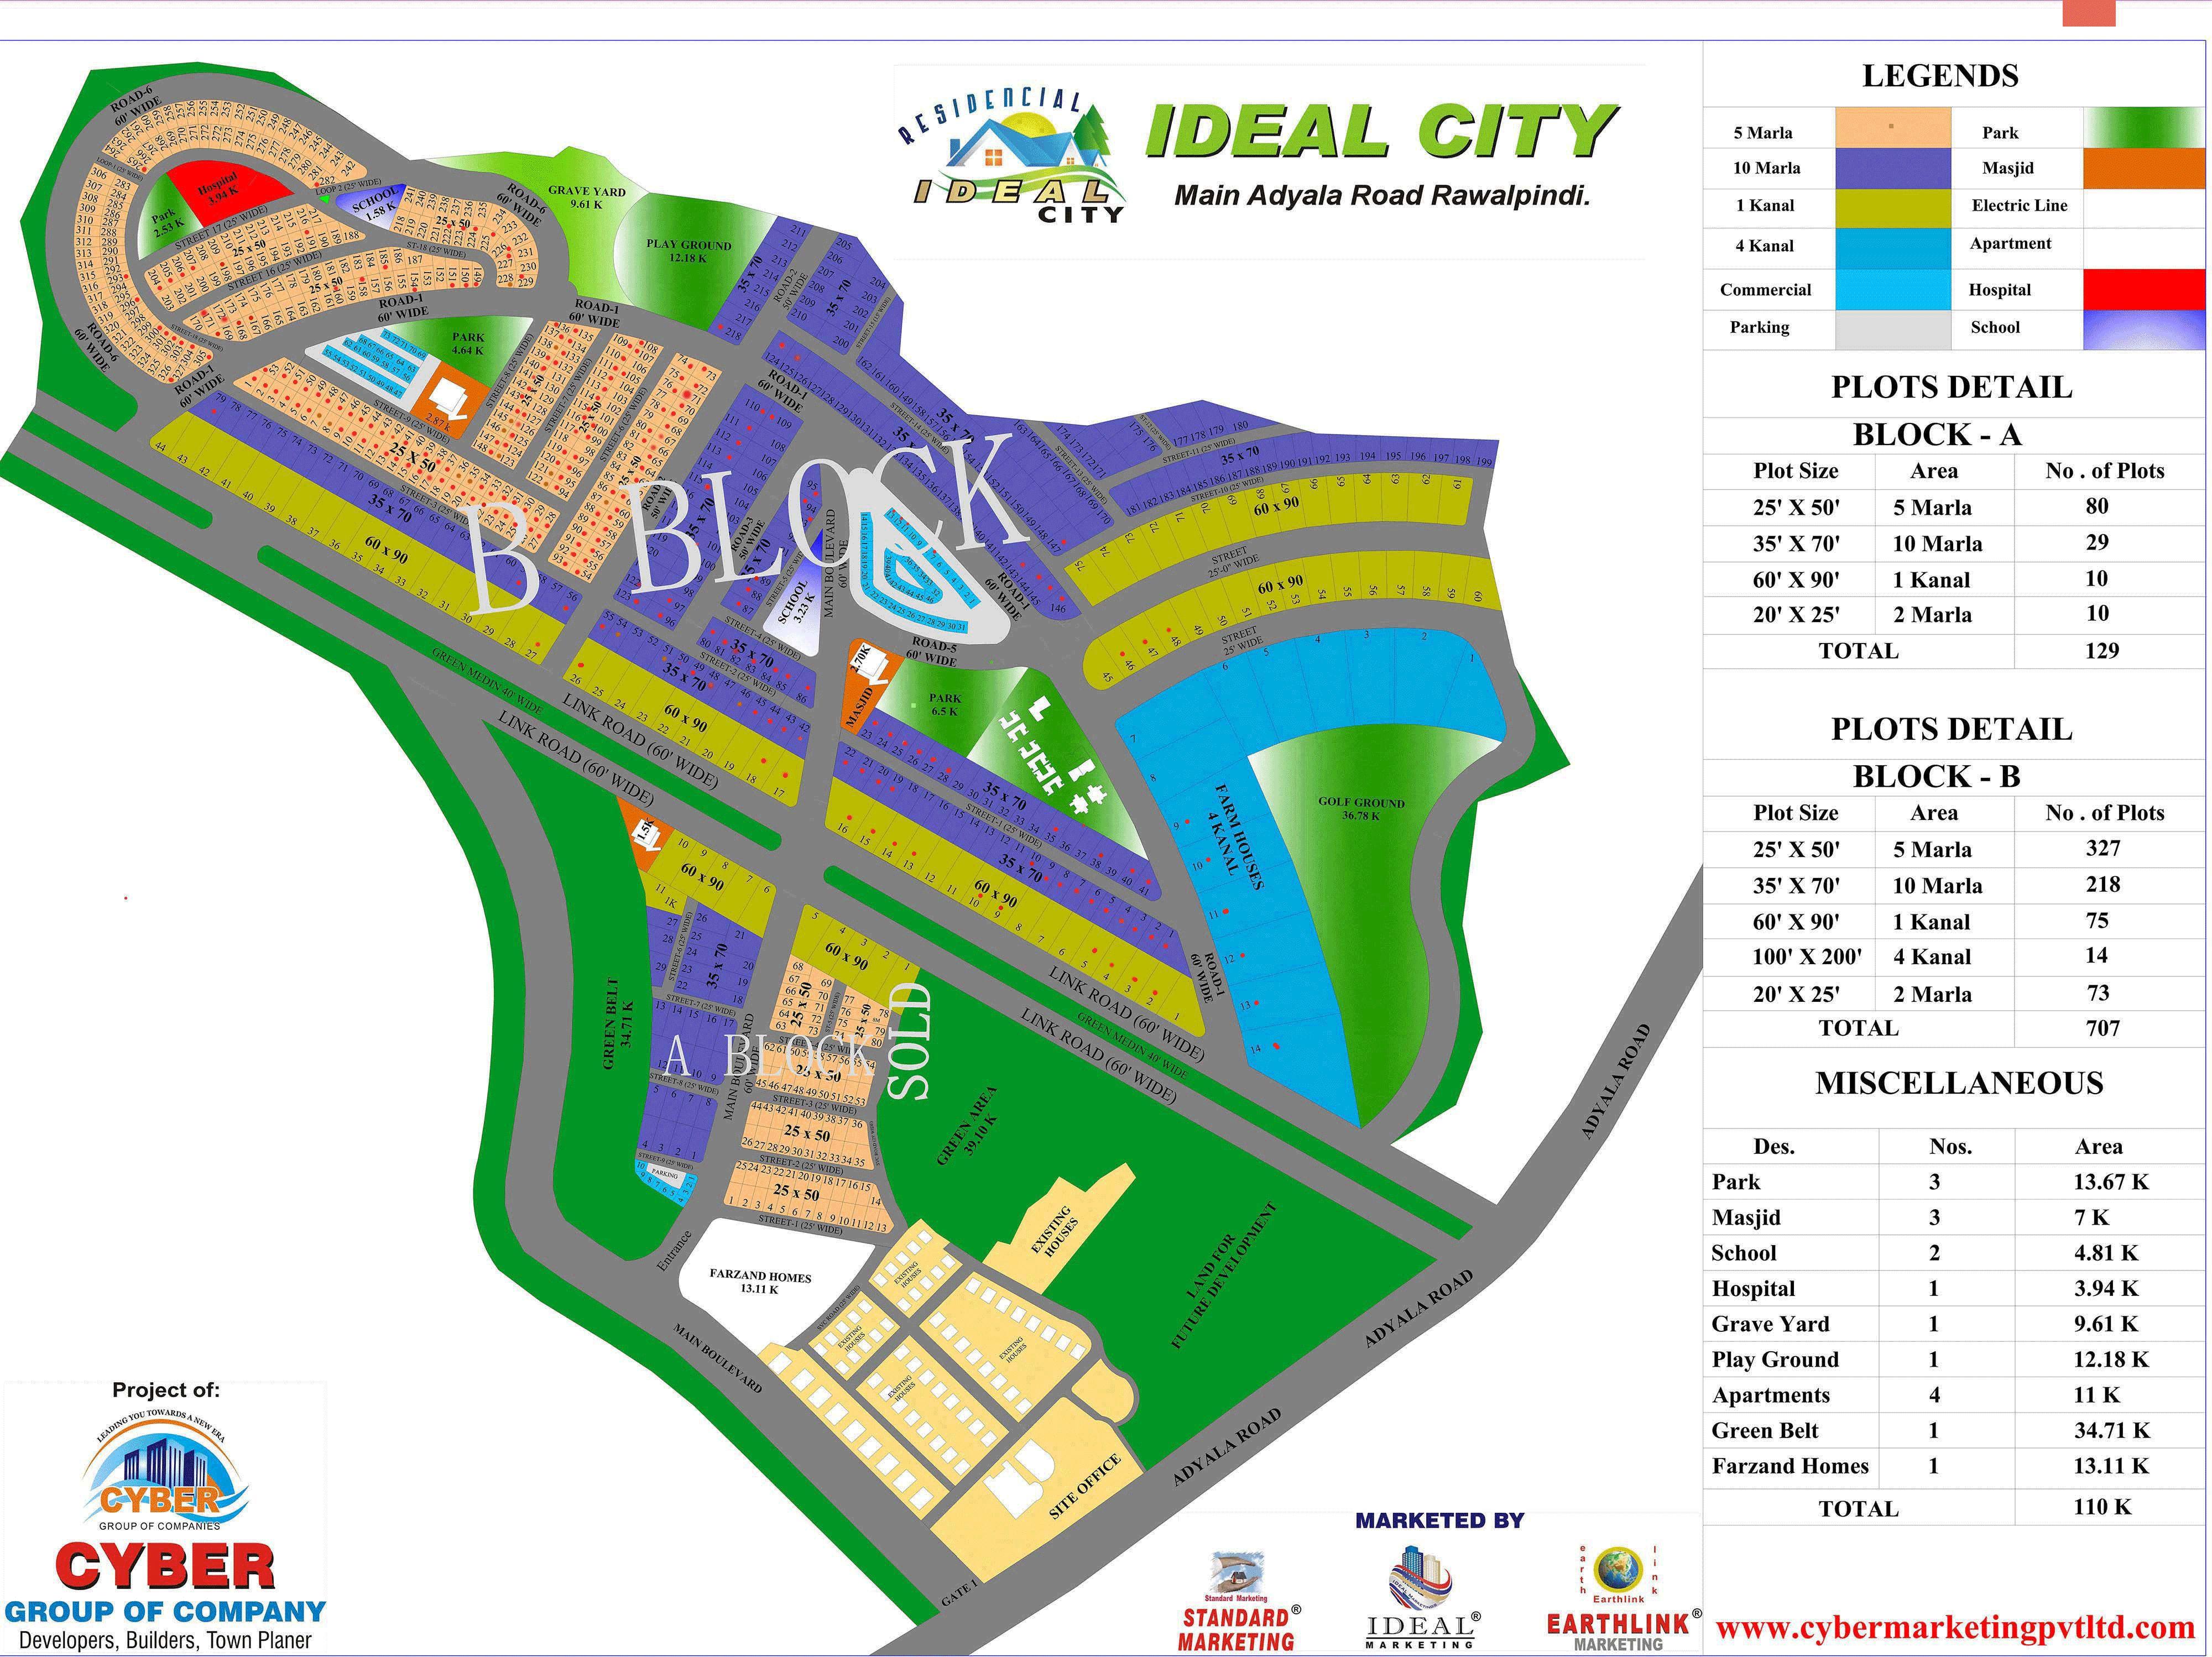 Ideal City Map   ideal city rawalpindi   City, Block b, Map